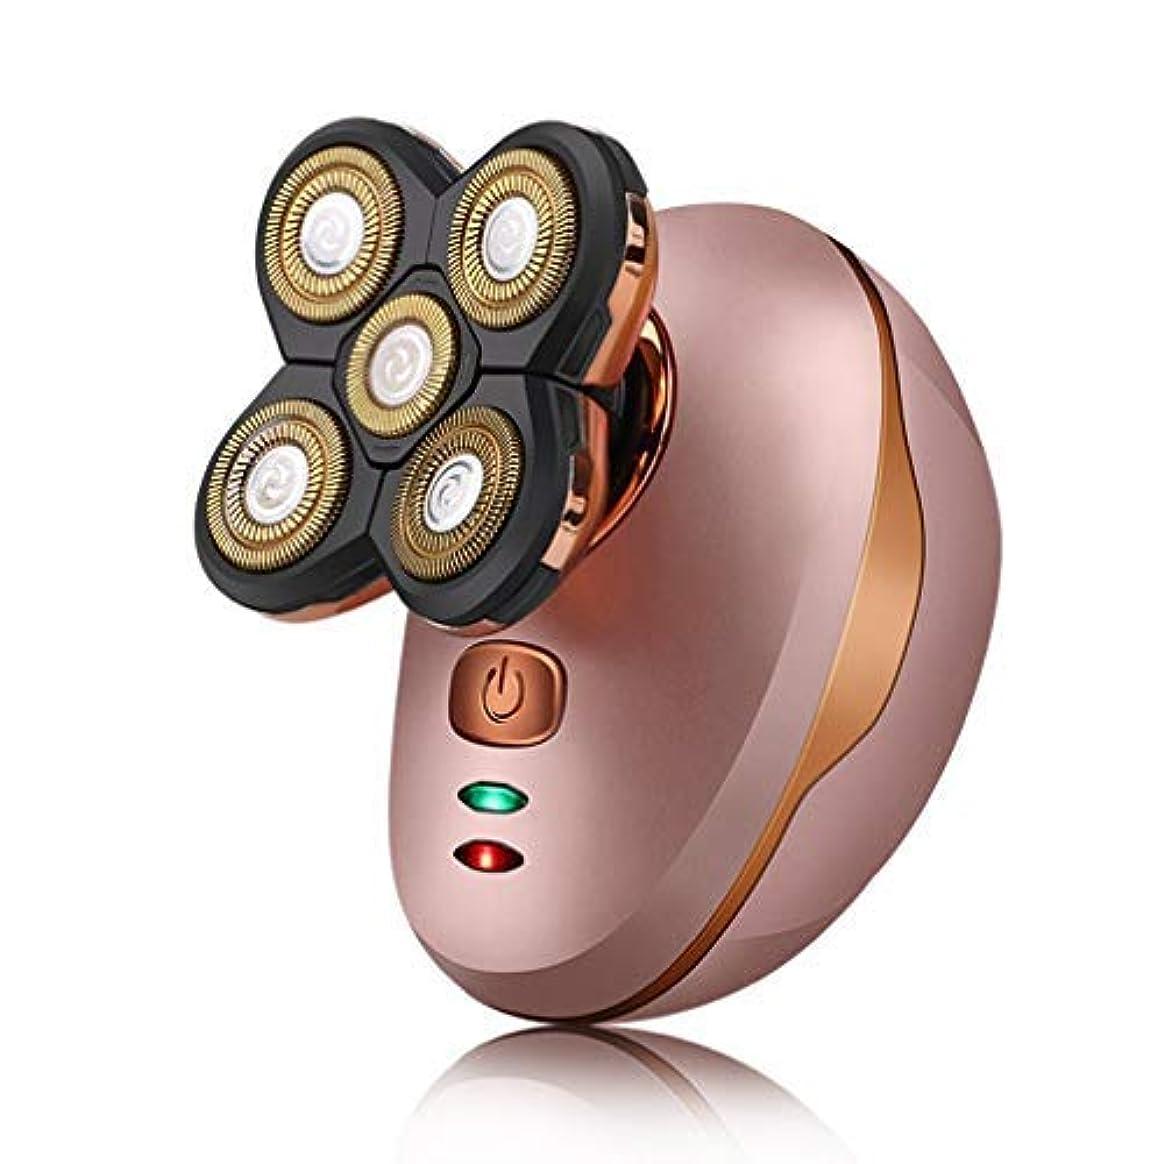 おもてなし一目マーチャンダイザー耐久性のある一般的な5頭防水シェービング刃カミソリ電気シェーバー用USB充電式ウェットドライポータブル